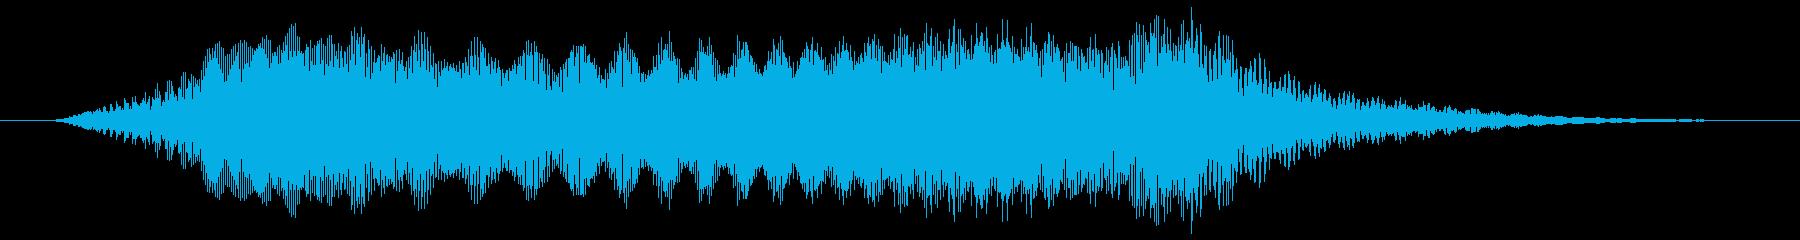 ぴょいっ/ジャンプ/避けるの再生済みの波形